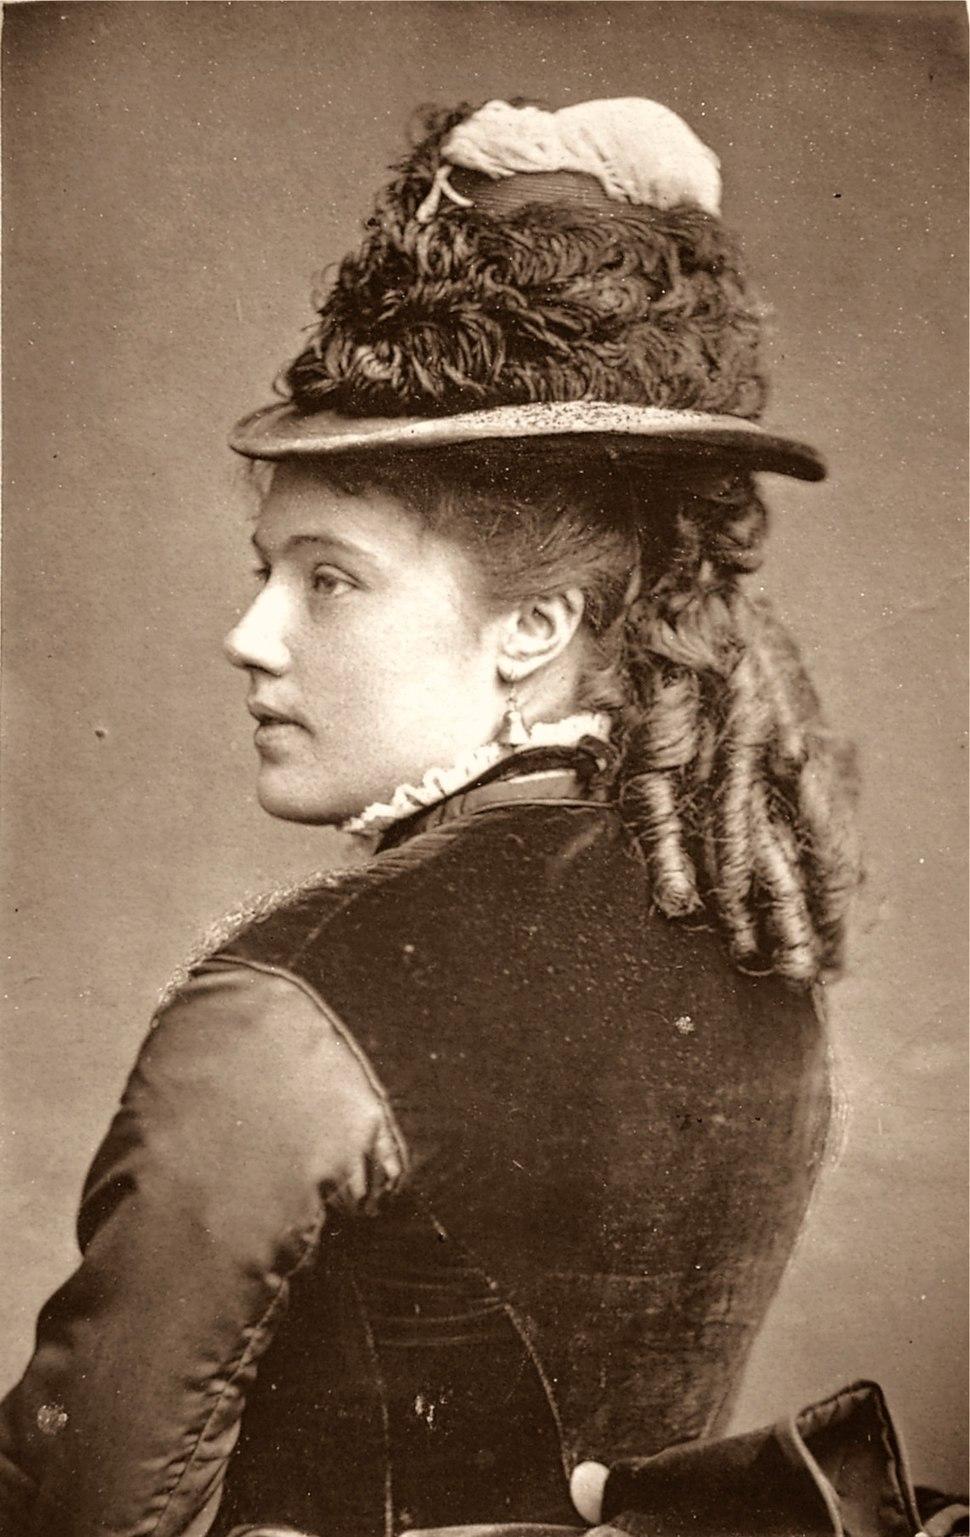 Rose Coghlan